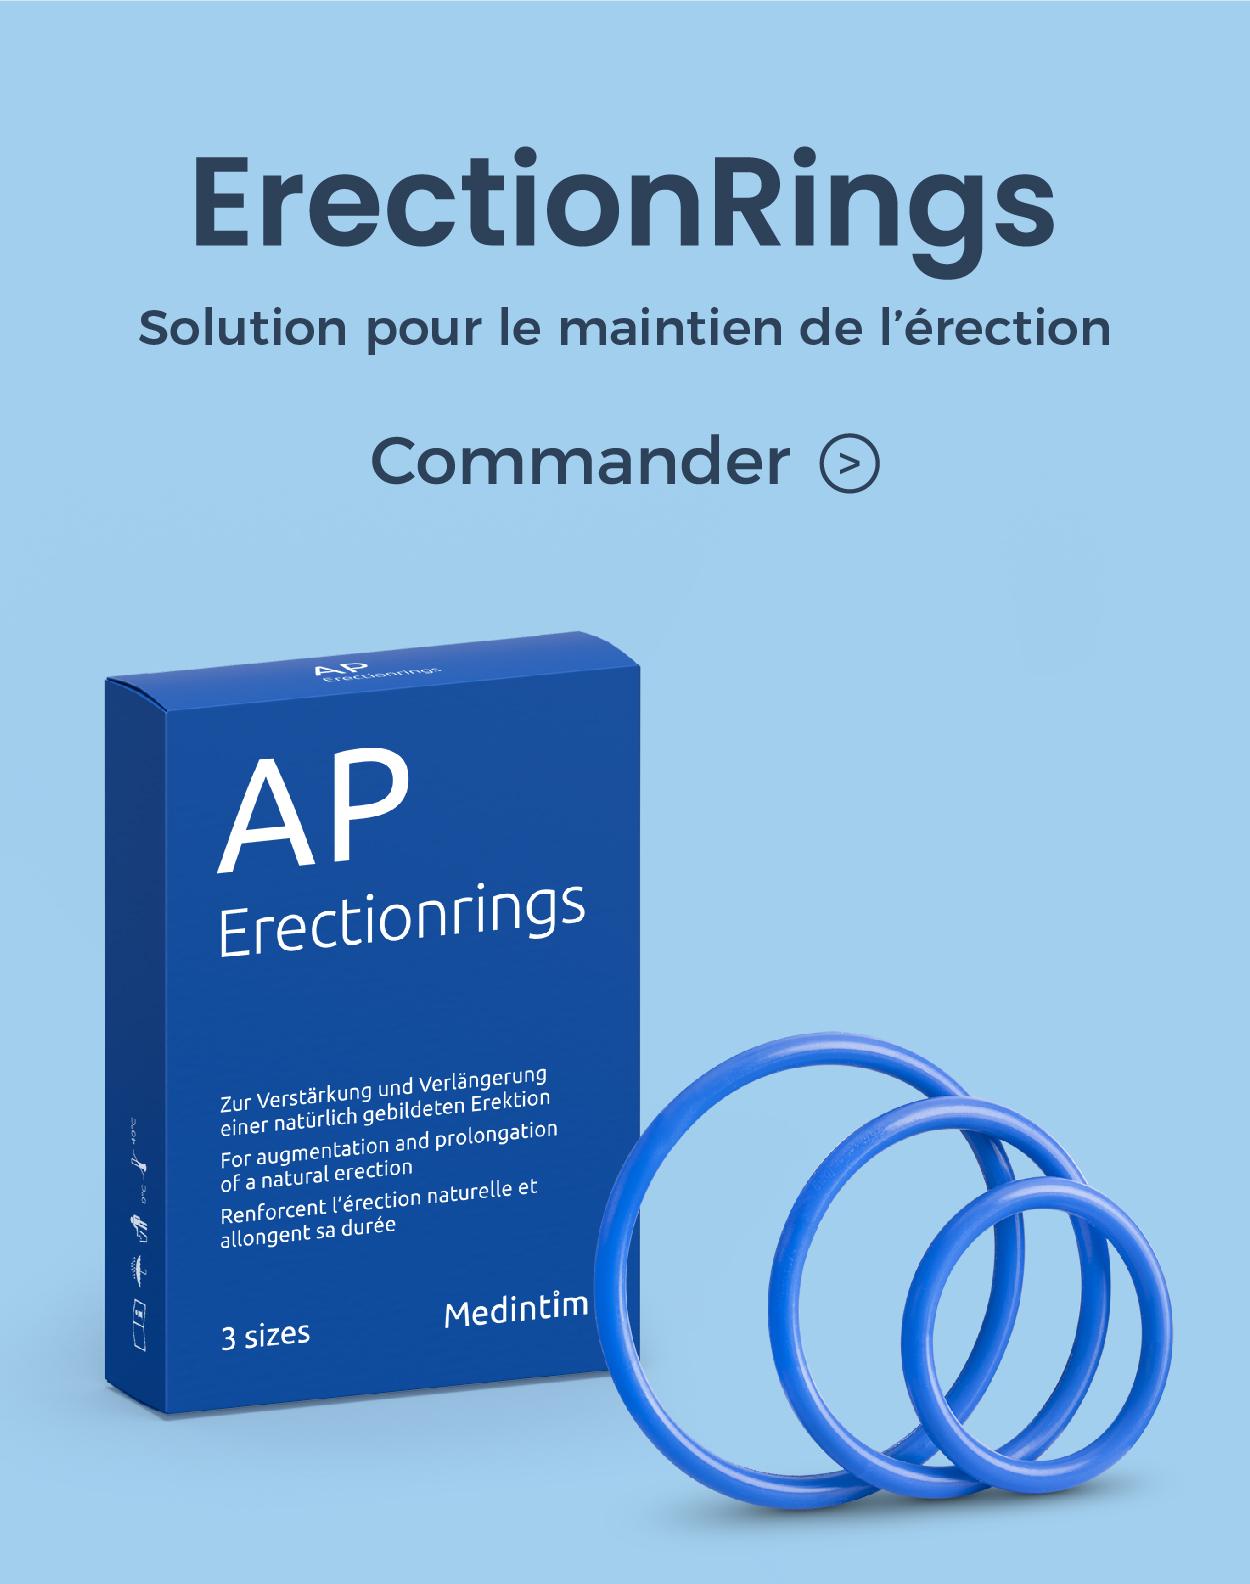 erectionrings de medintim dispositif medical pour le maintien de l'erection